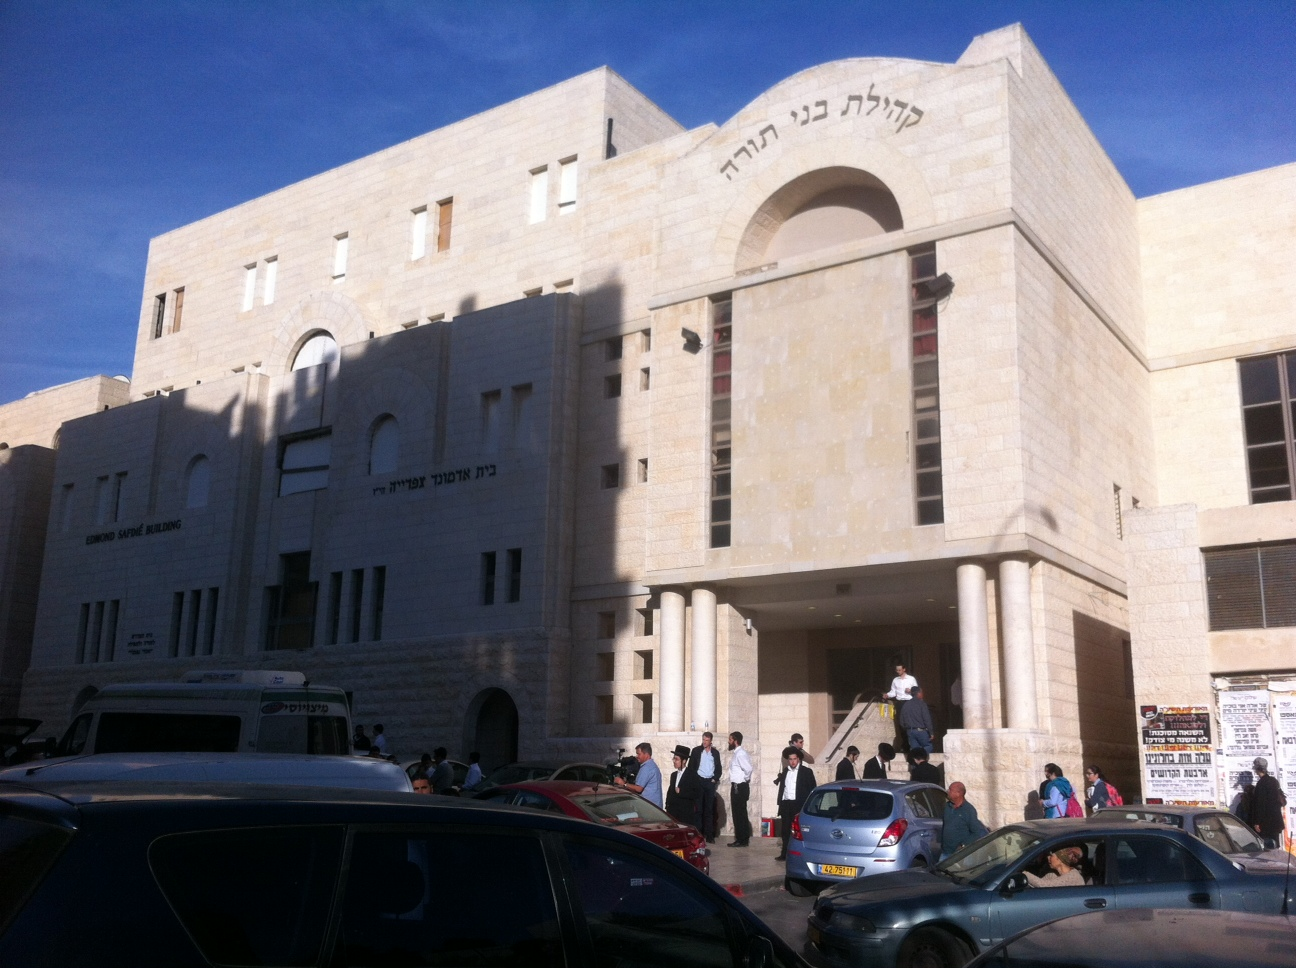 har nof jerusalem synagogue terrorist attack 3